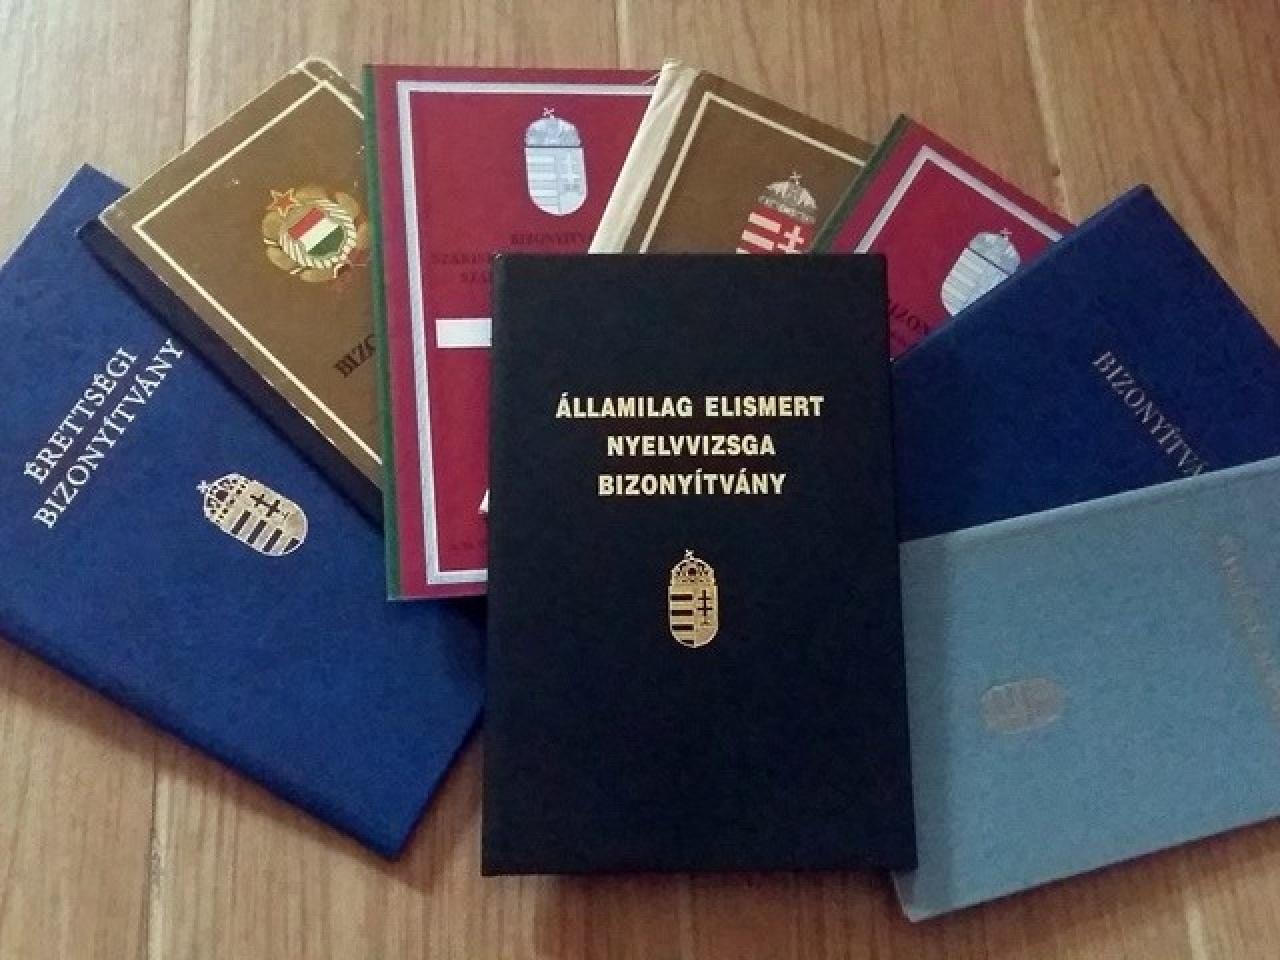 Nyelvvizsga - Vissza lehet igényelni a vizsga díját